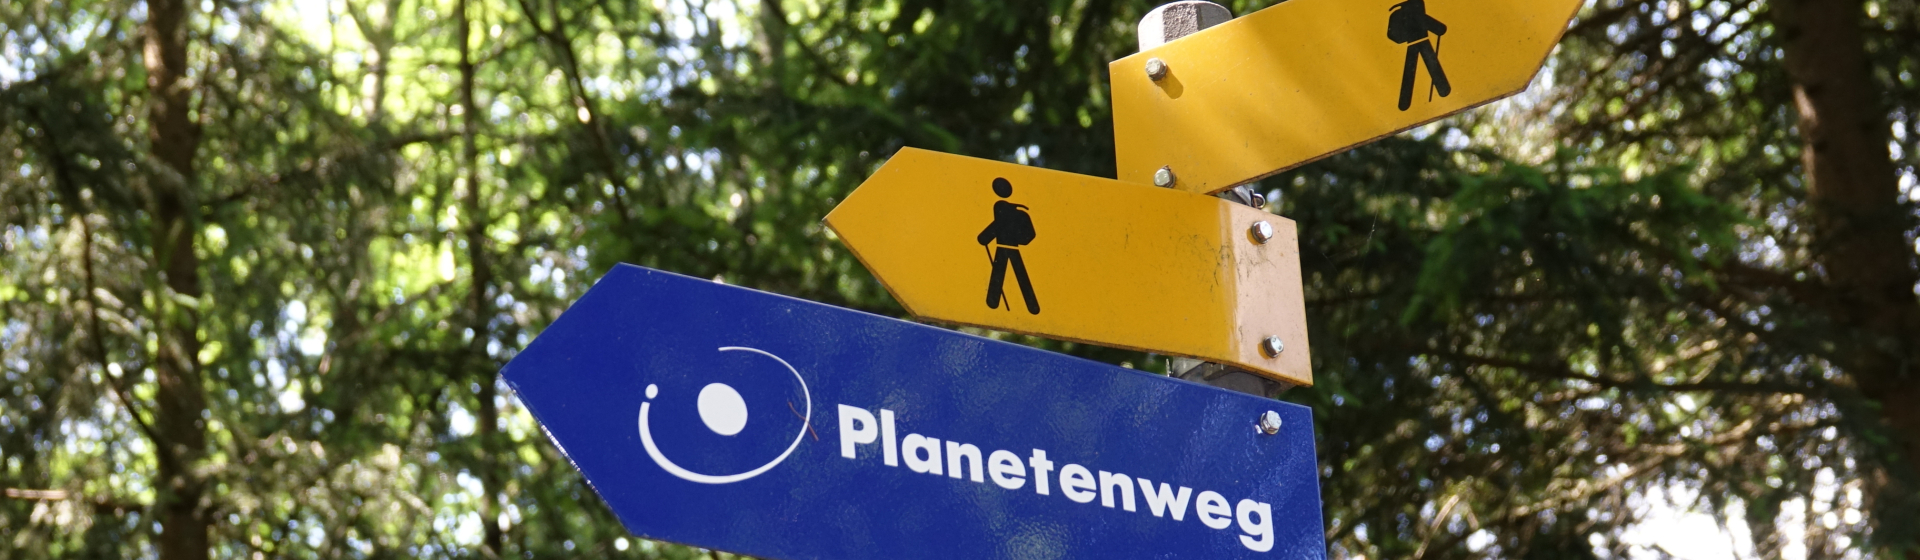 Wanderweg-Schilder